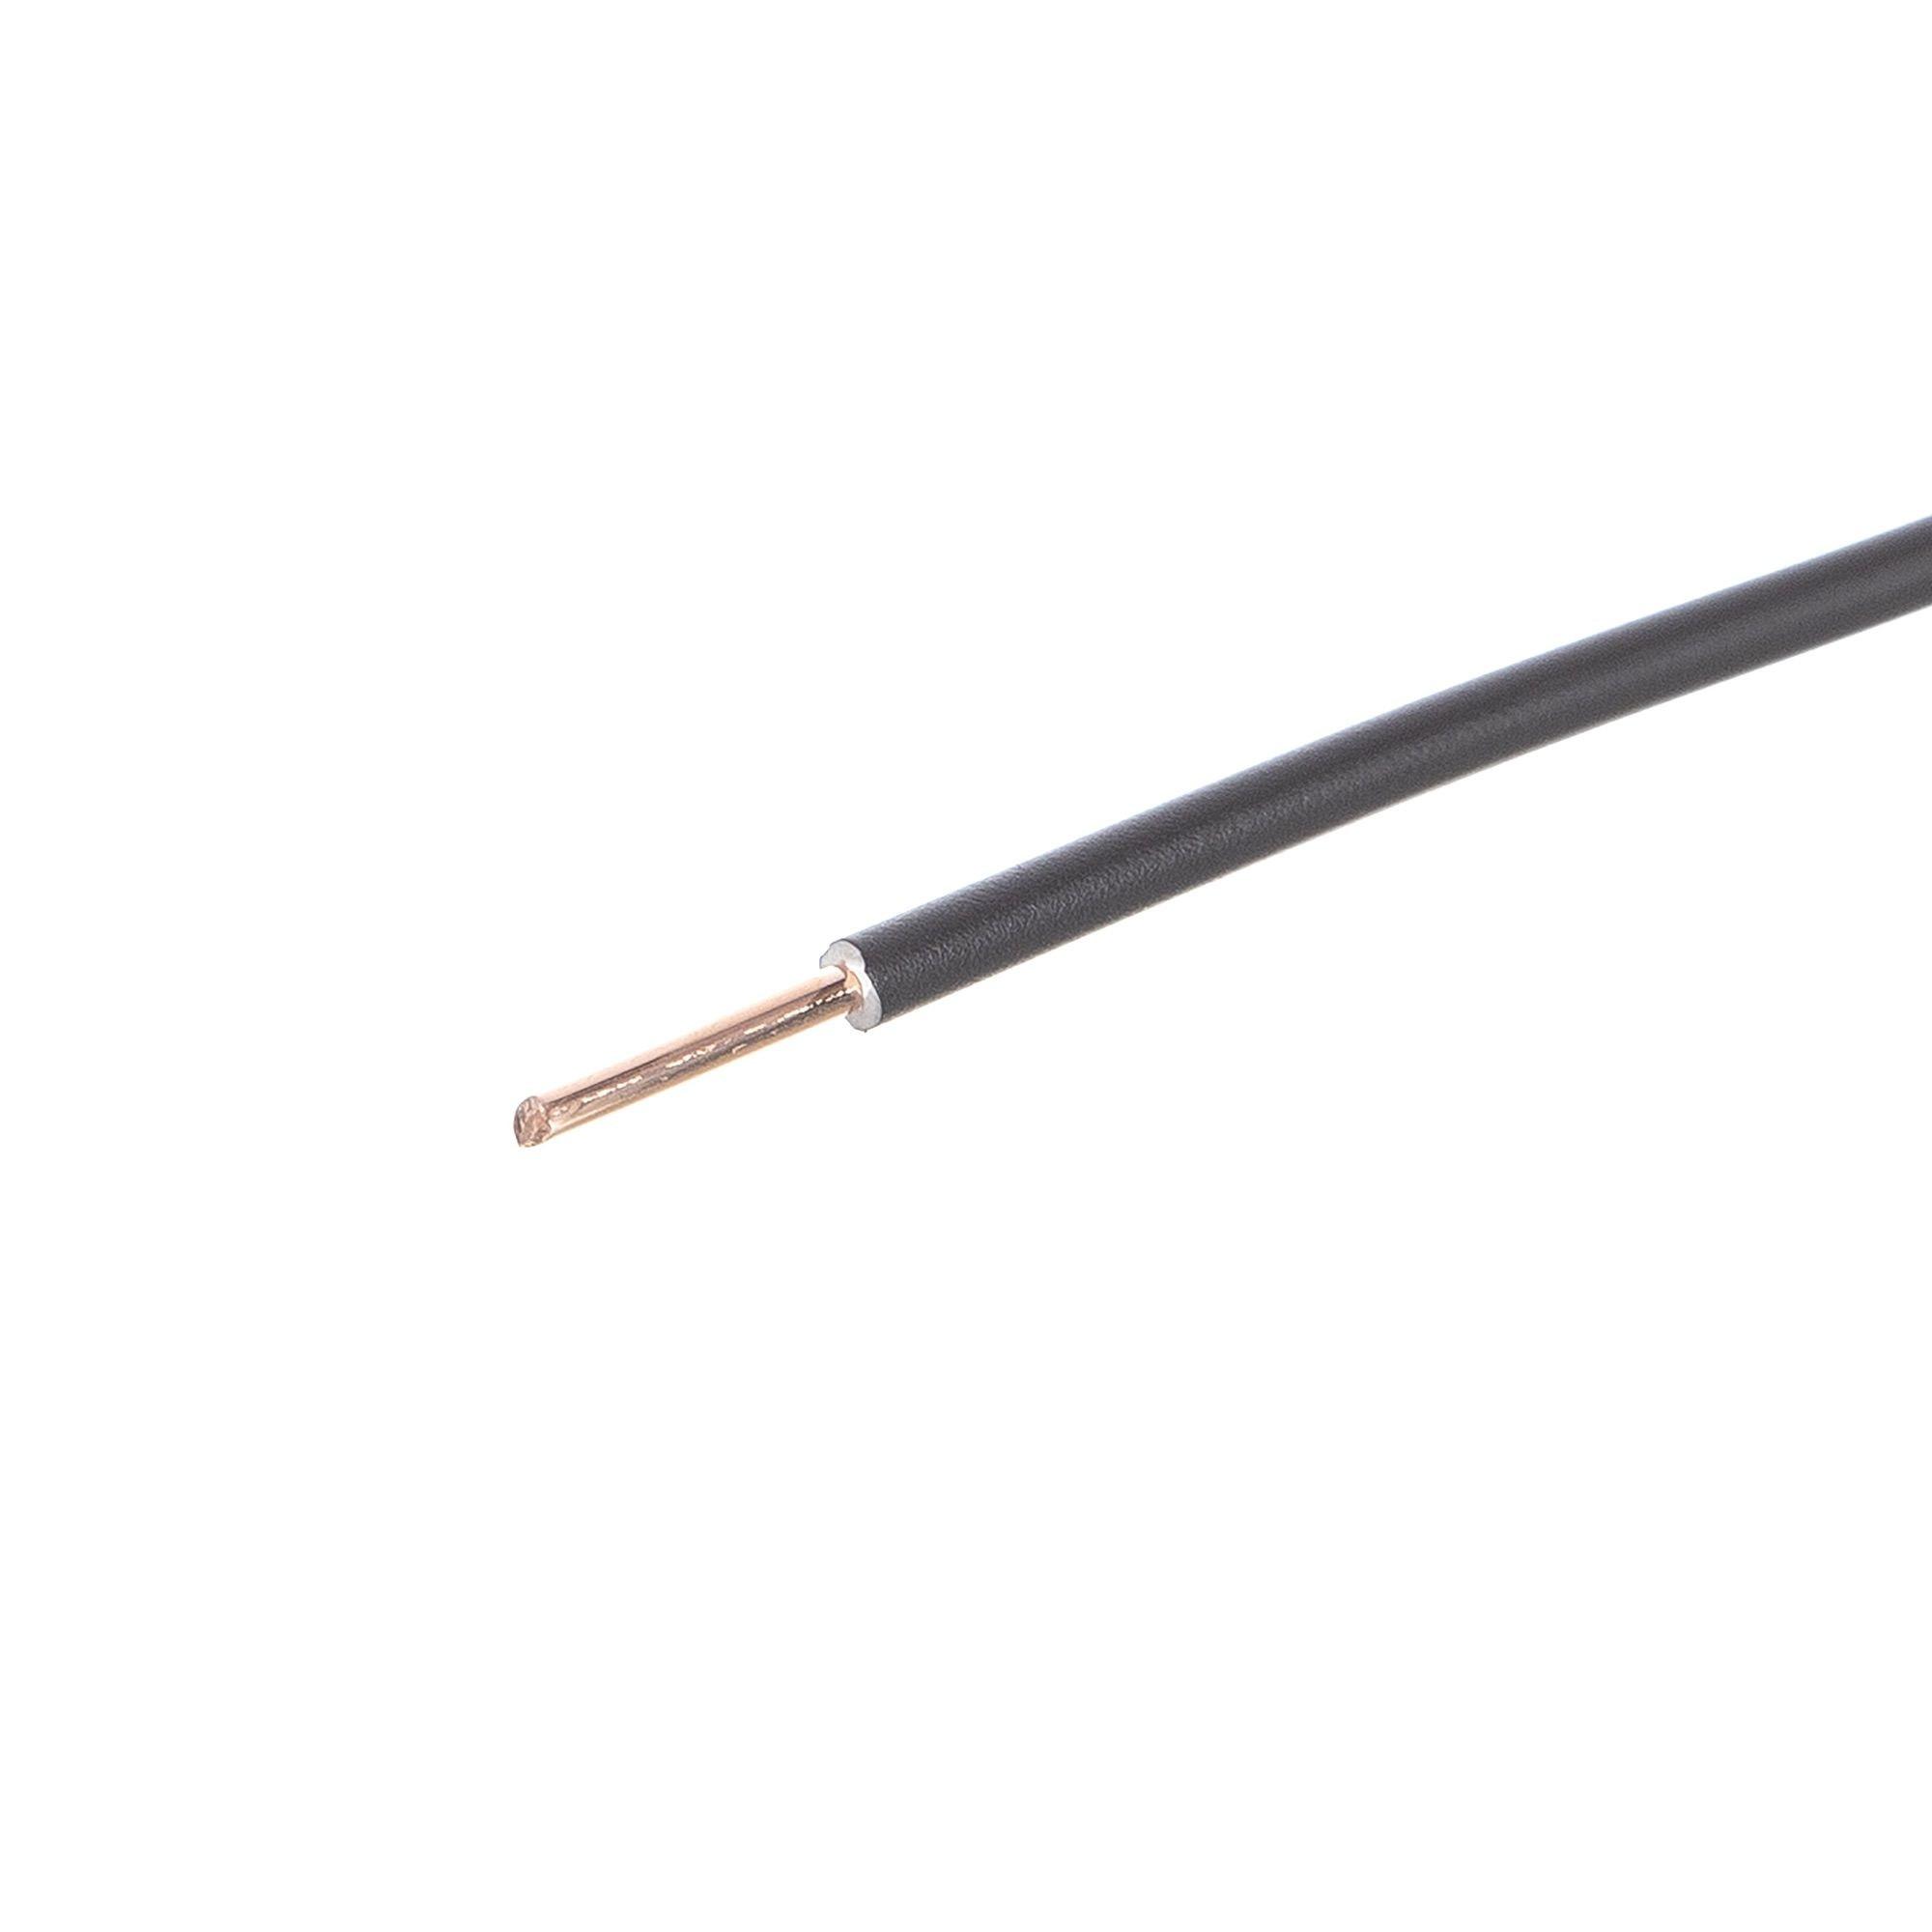 Cablu electric FY 1.5 mmp H07 V-U 1 m negru